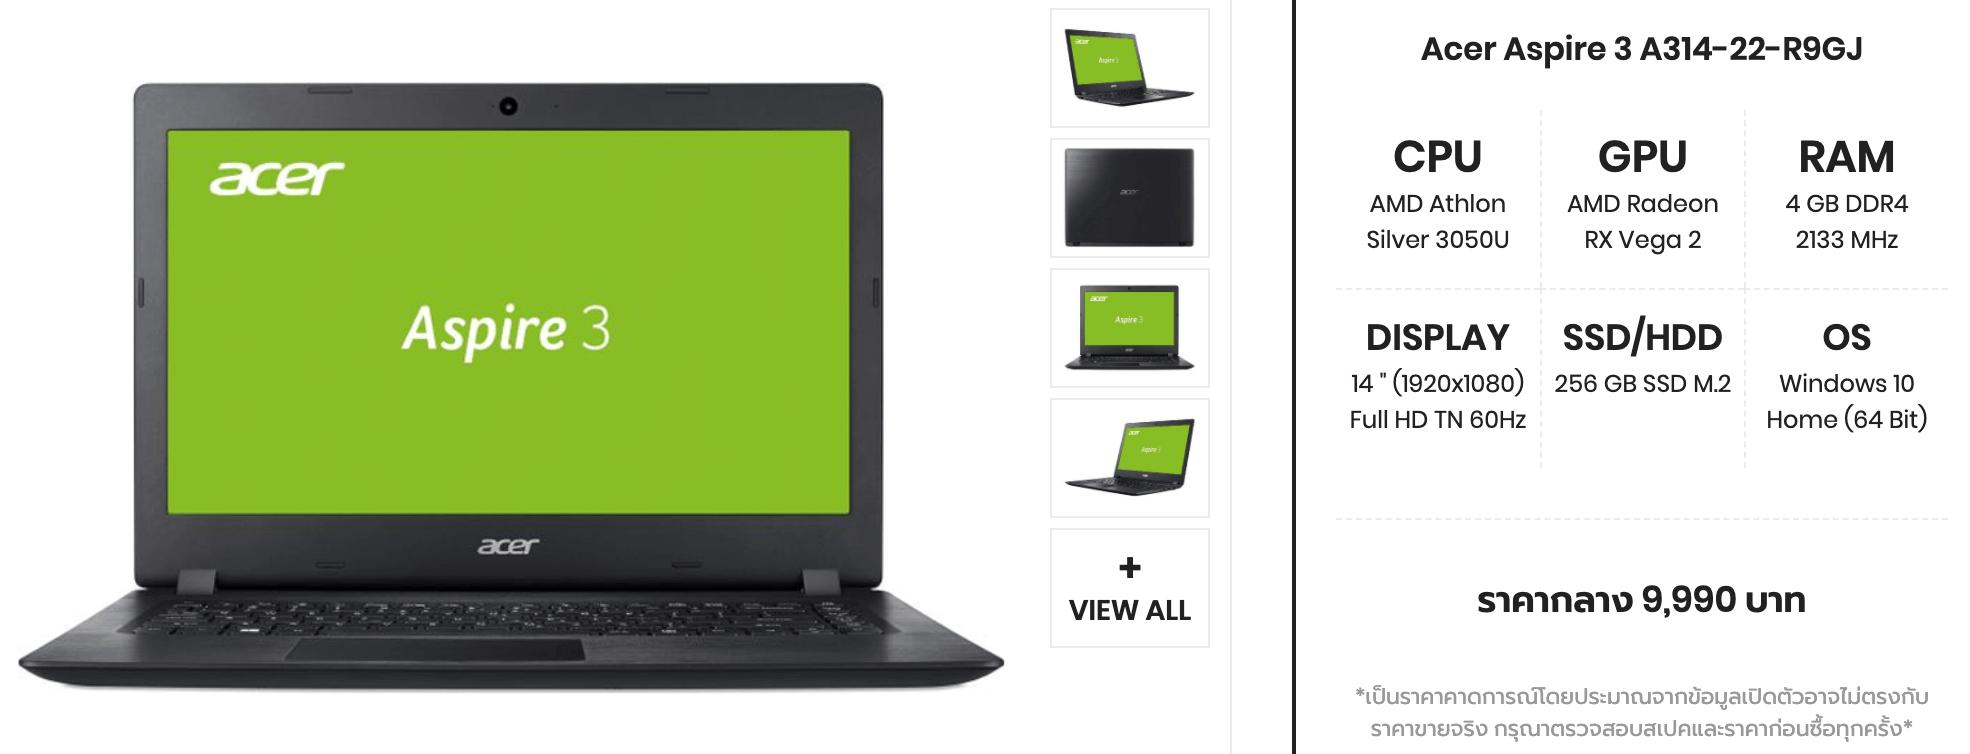 Acer Aspire 3 A314 22 R9GJ